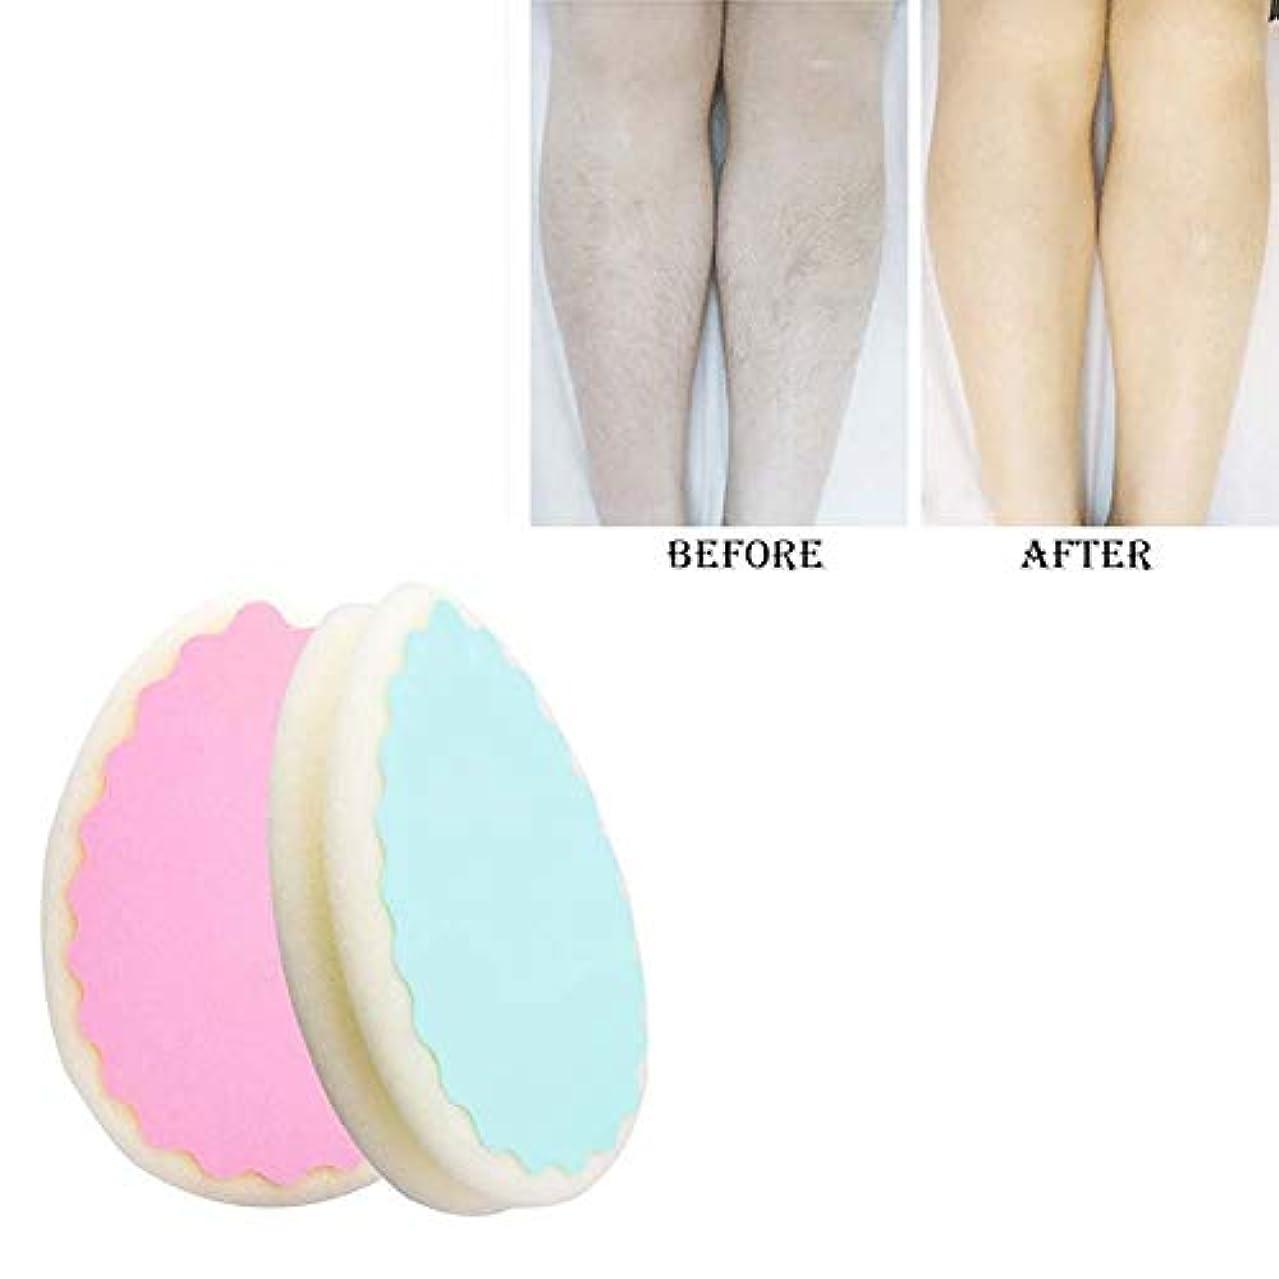 フランクワースリーネズミパントリーヘアーリムーバー無痛脱毛スポンジ、両方の男性と女性は脚腕の毛リムーバー効果的な、5PCSを使用して削除することができます